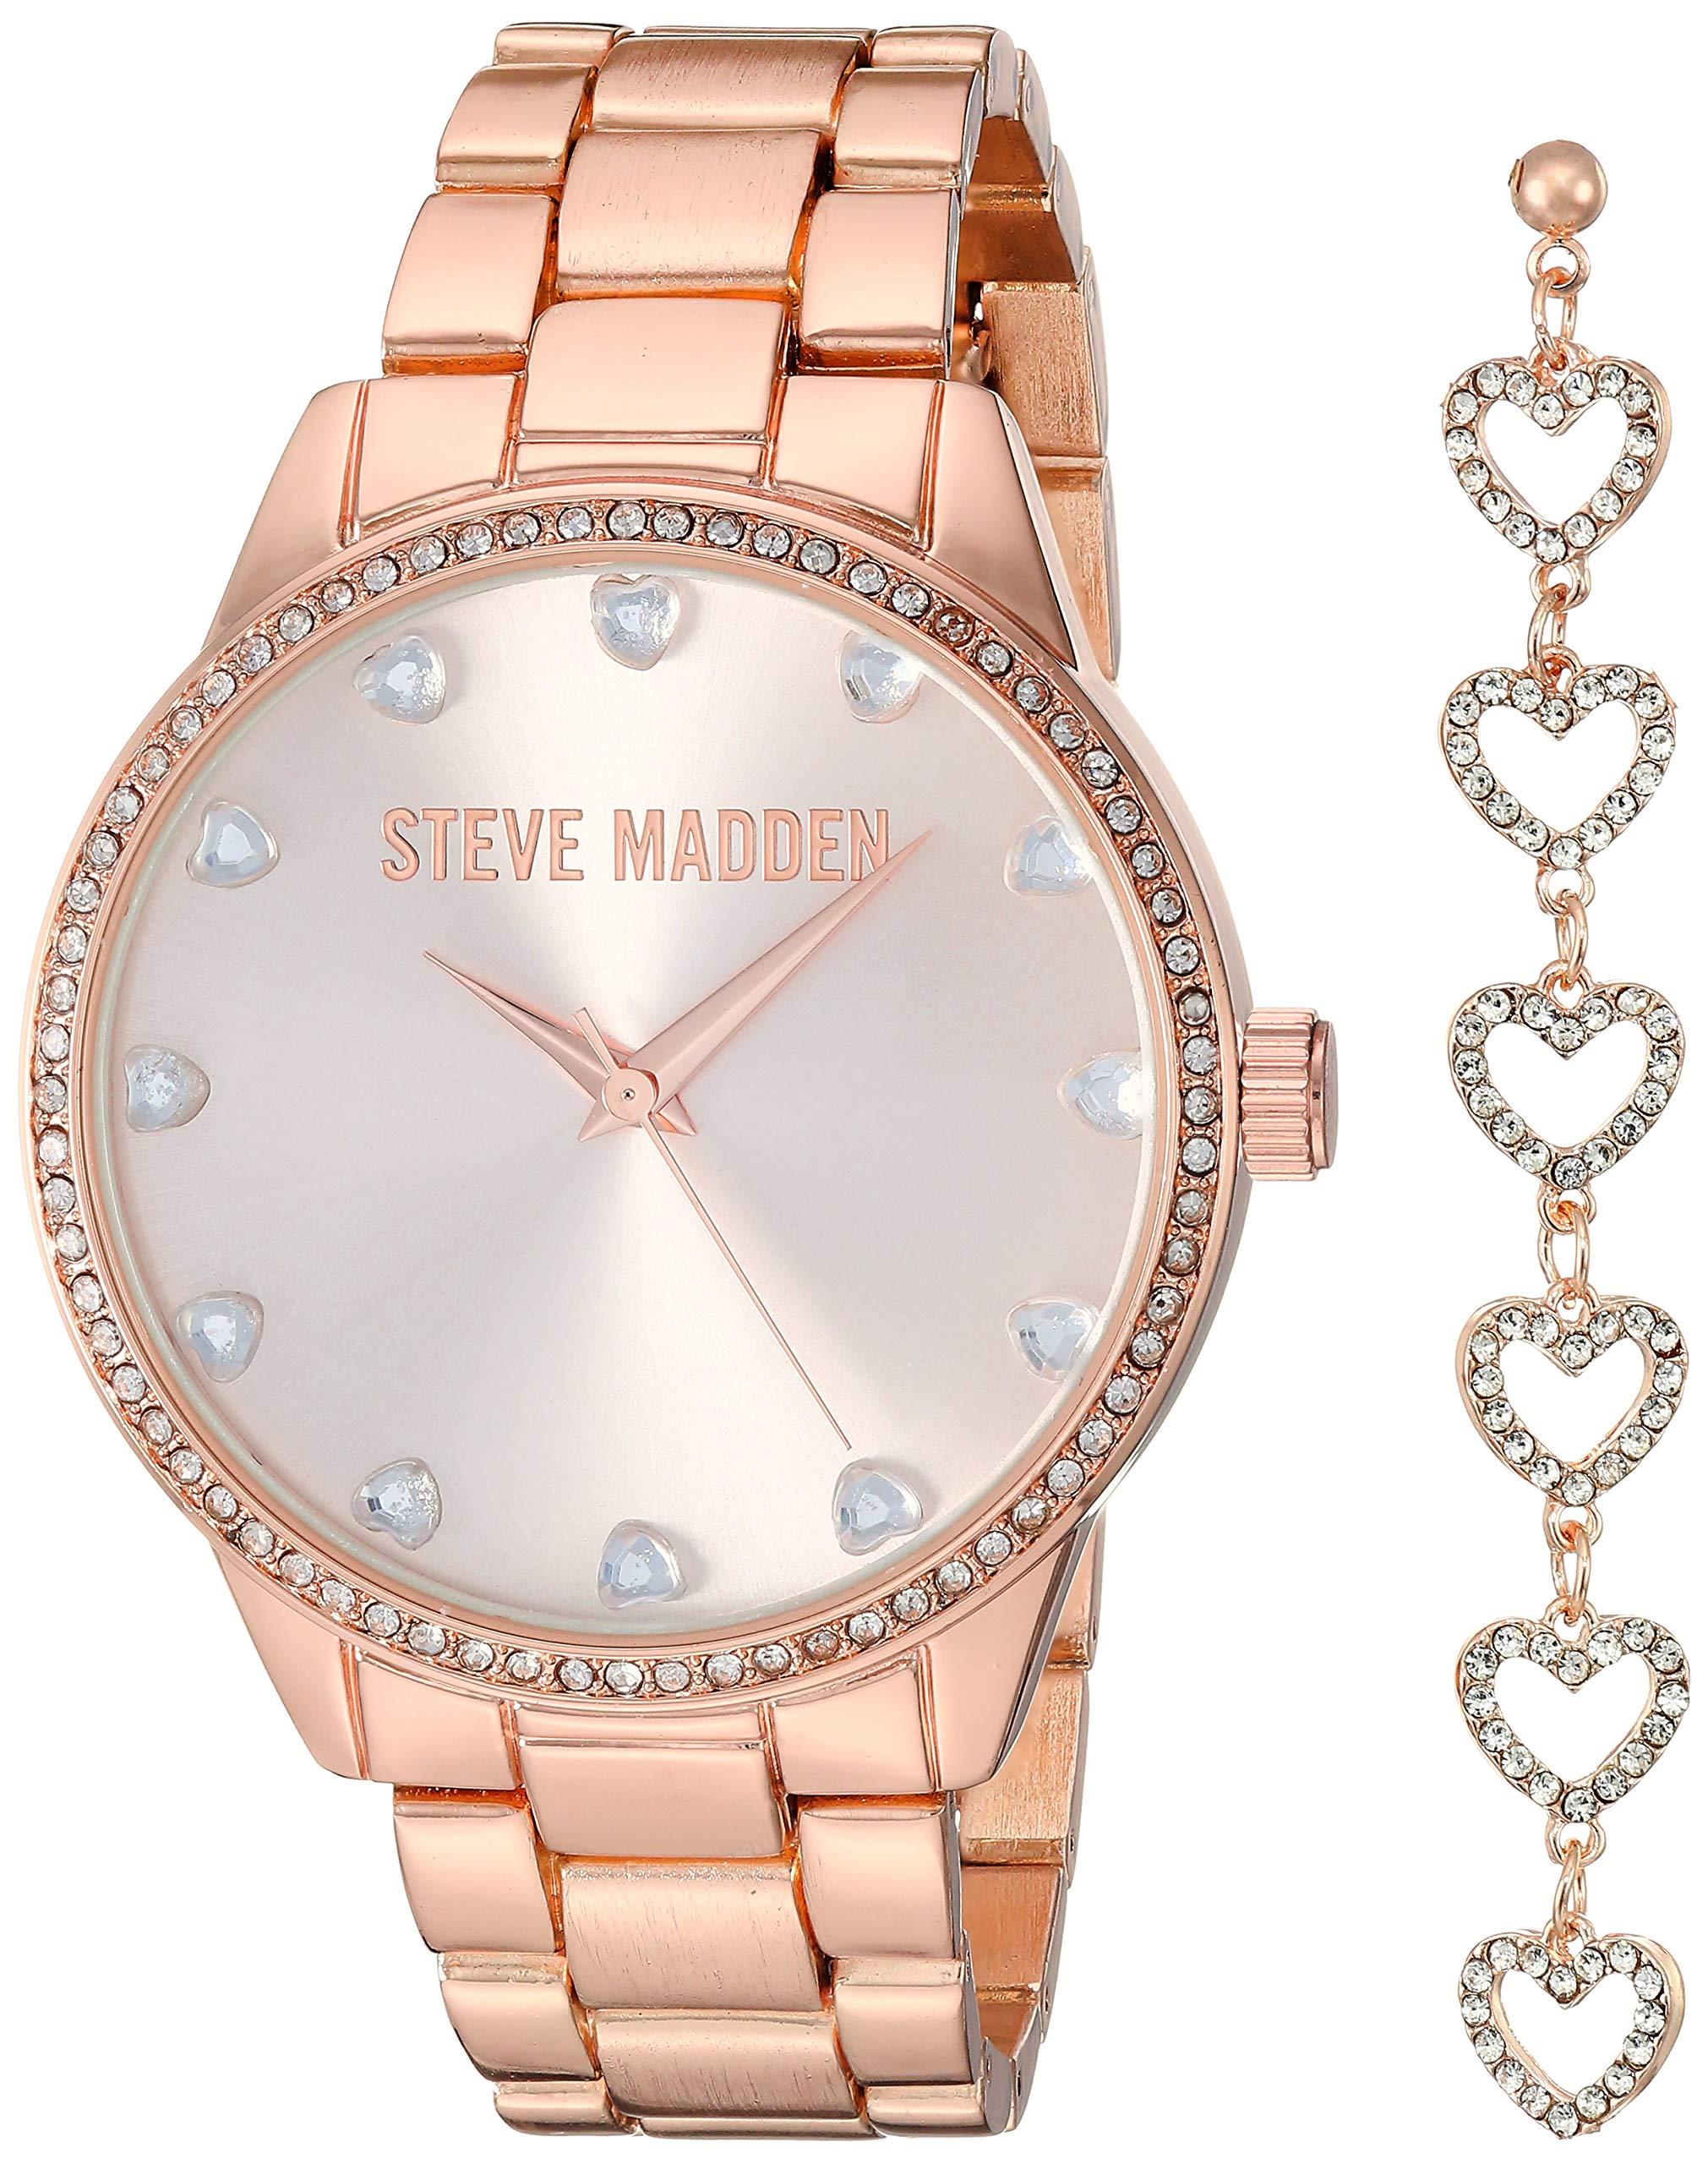 STEVE MADDEN 莱茵石手表心形链耳环套装女式(多种颜色)